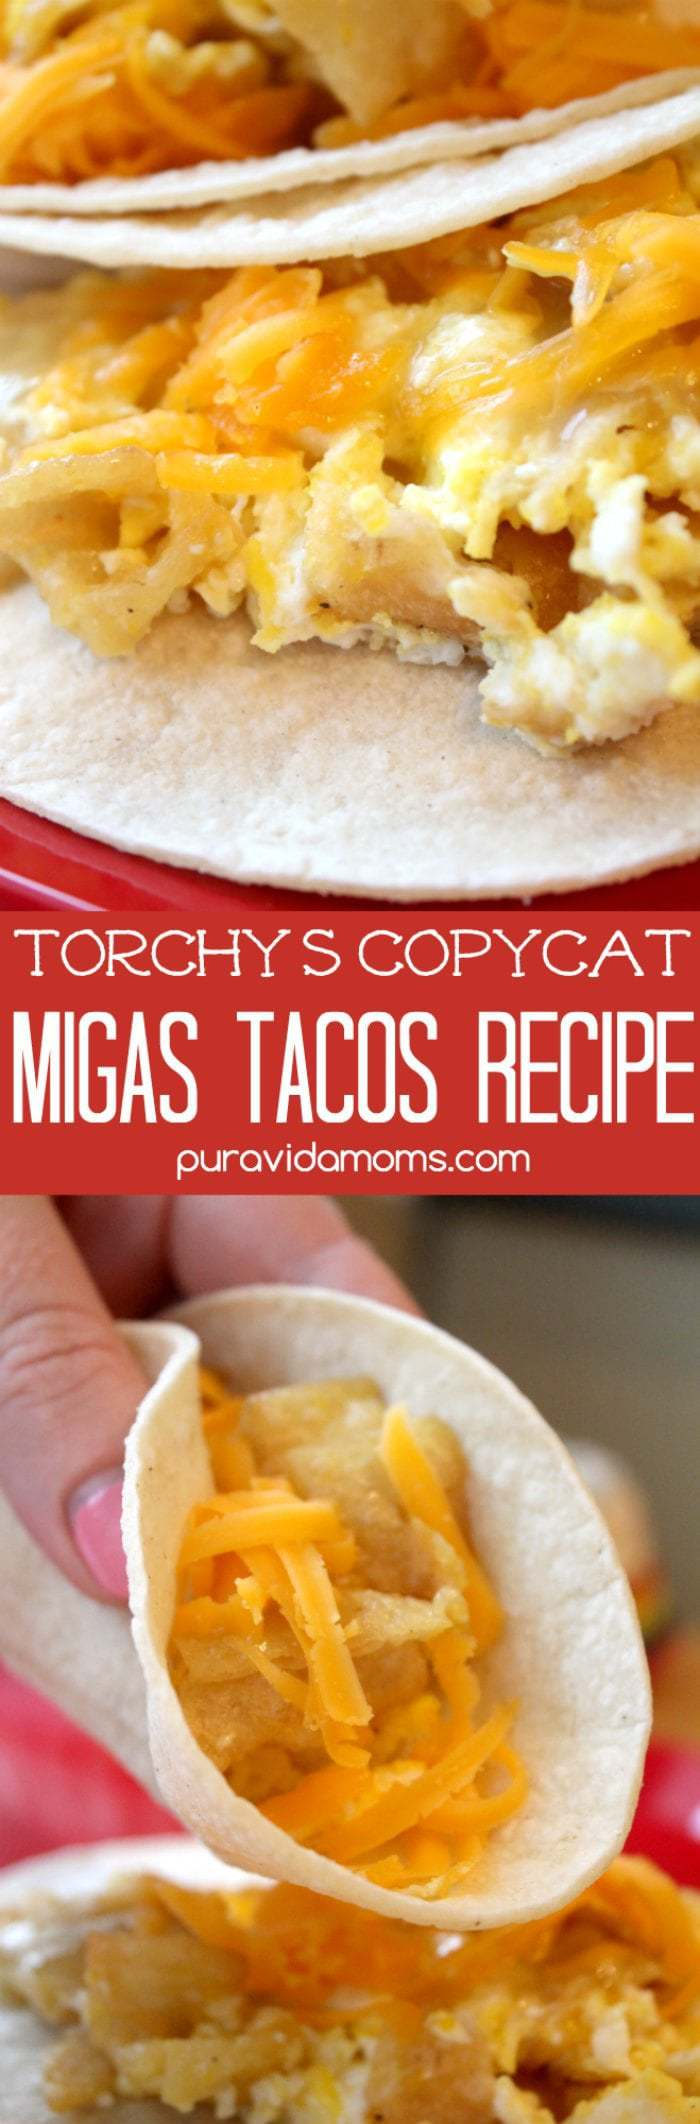 Torchy's Copycat Migas Tacos Recipe